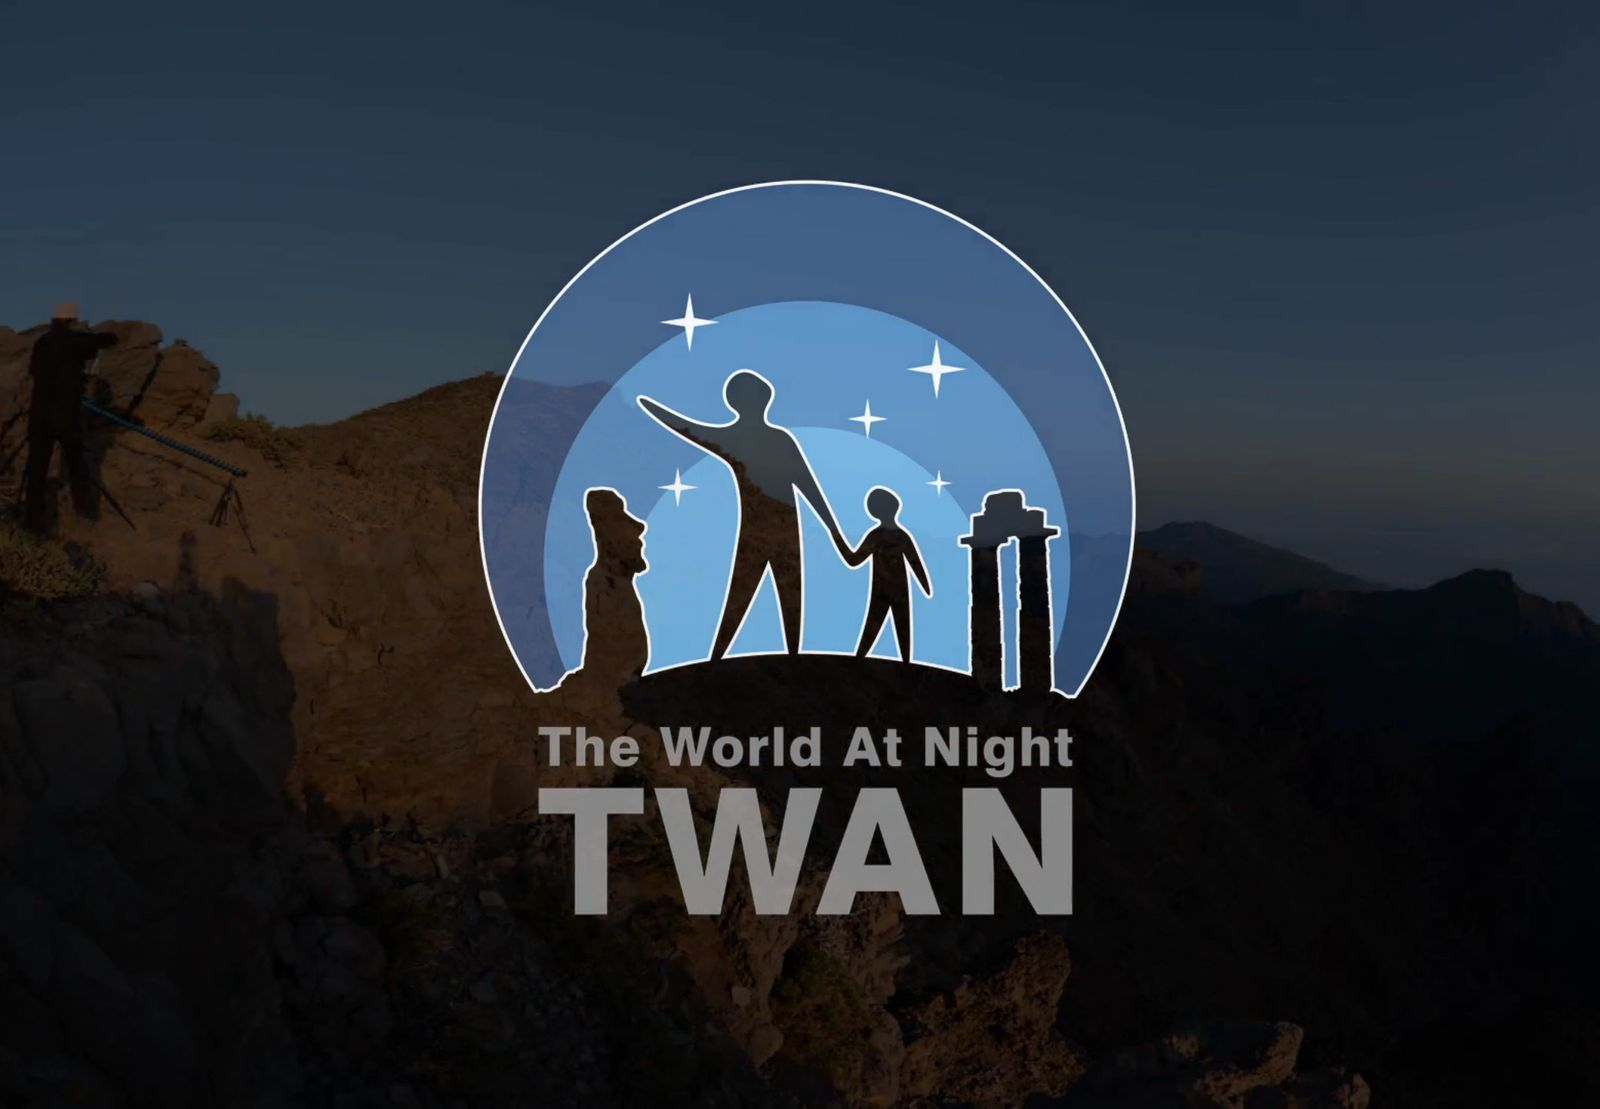 Il lavoro di Malin è un'iniziativa all'interno di The World At Night (TWAN), uno sforzo internazionale per diffondere immagini e filmati del cielo notturno, in modo da sensibilizzare gli esseri umani sulla perdita terribile causata dall'inquinamento luminoso